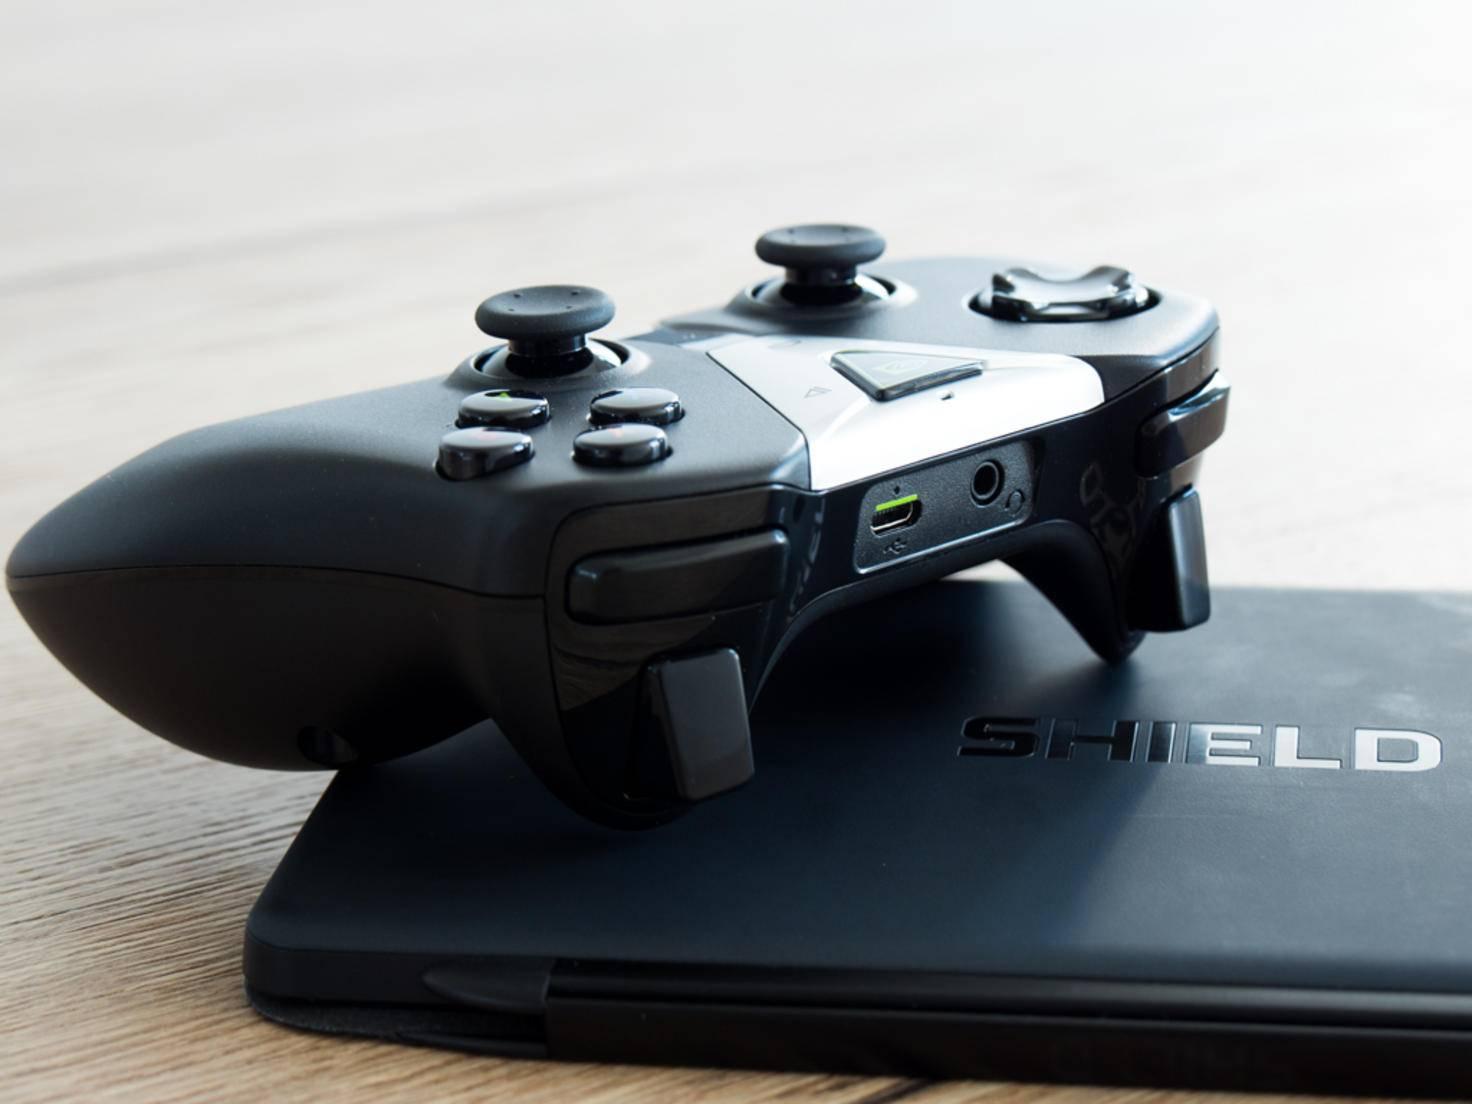 Das Pad orientiert sich am Xbox 360-Controller für den PC.